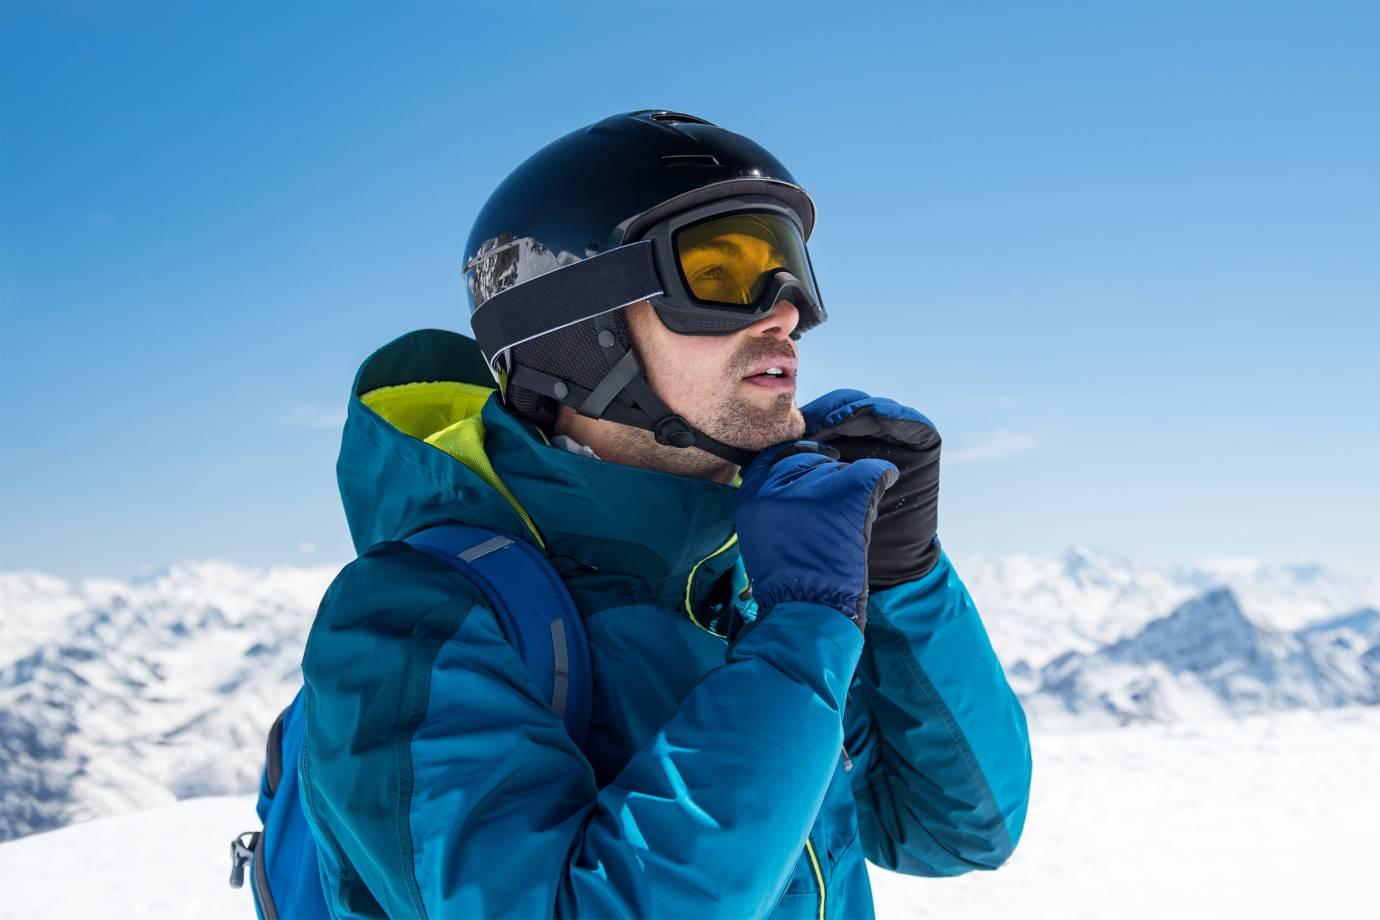 Man putting on ski helmet